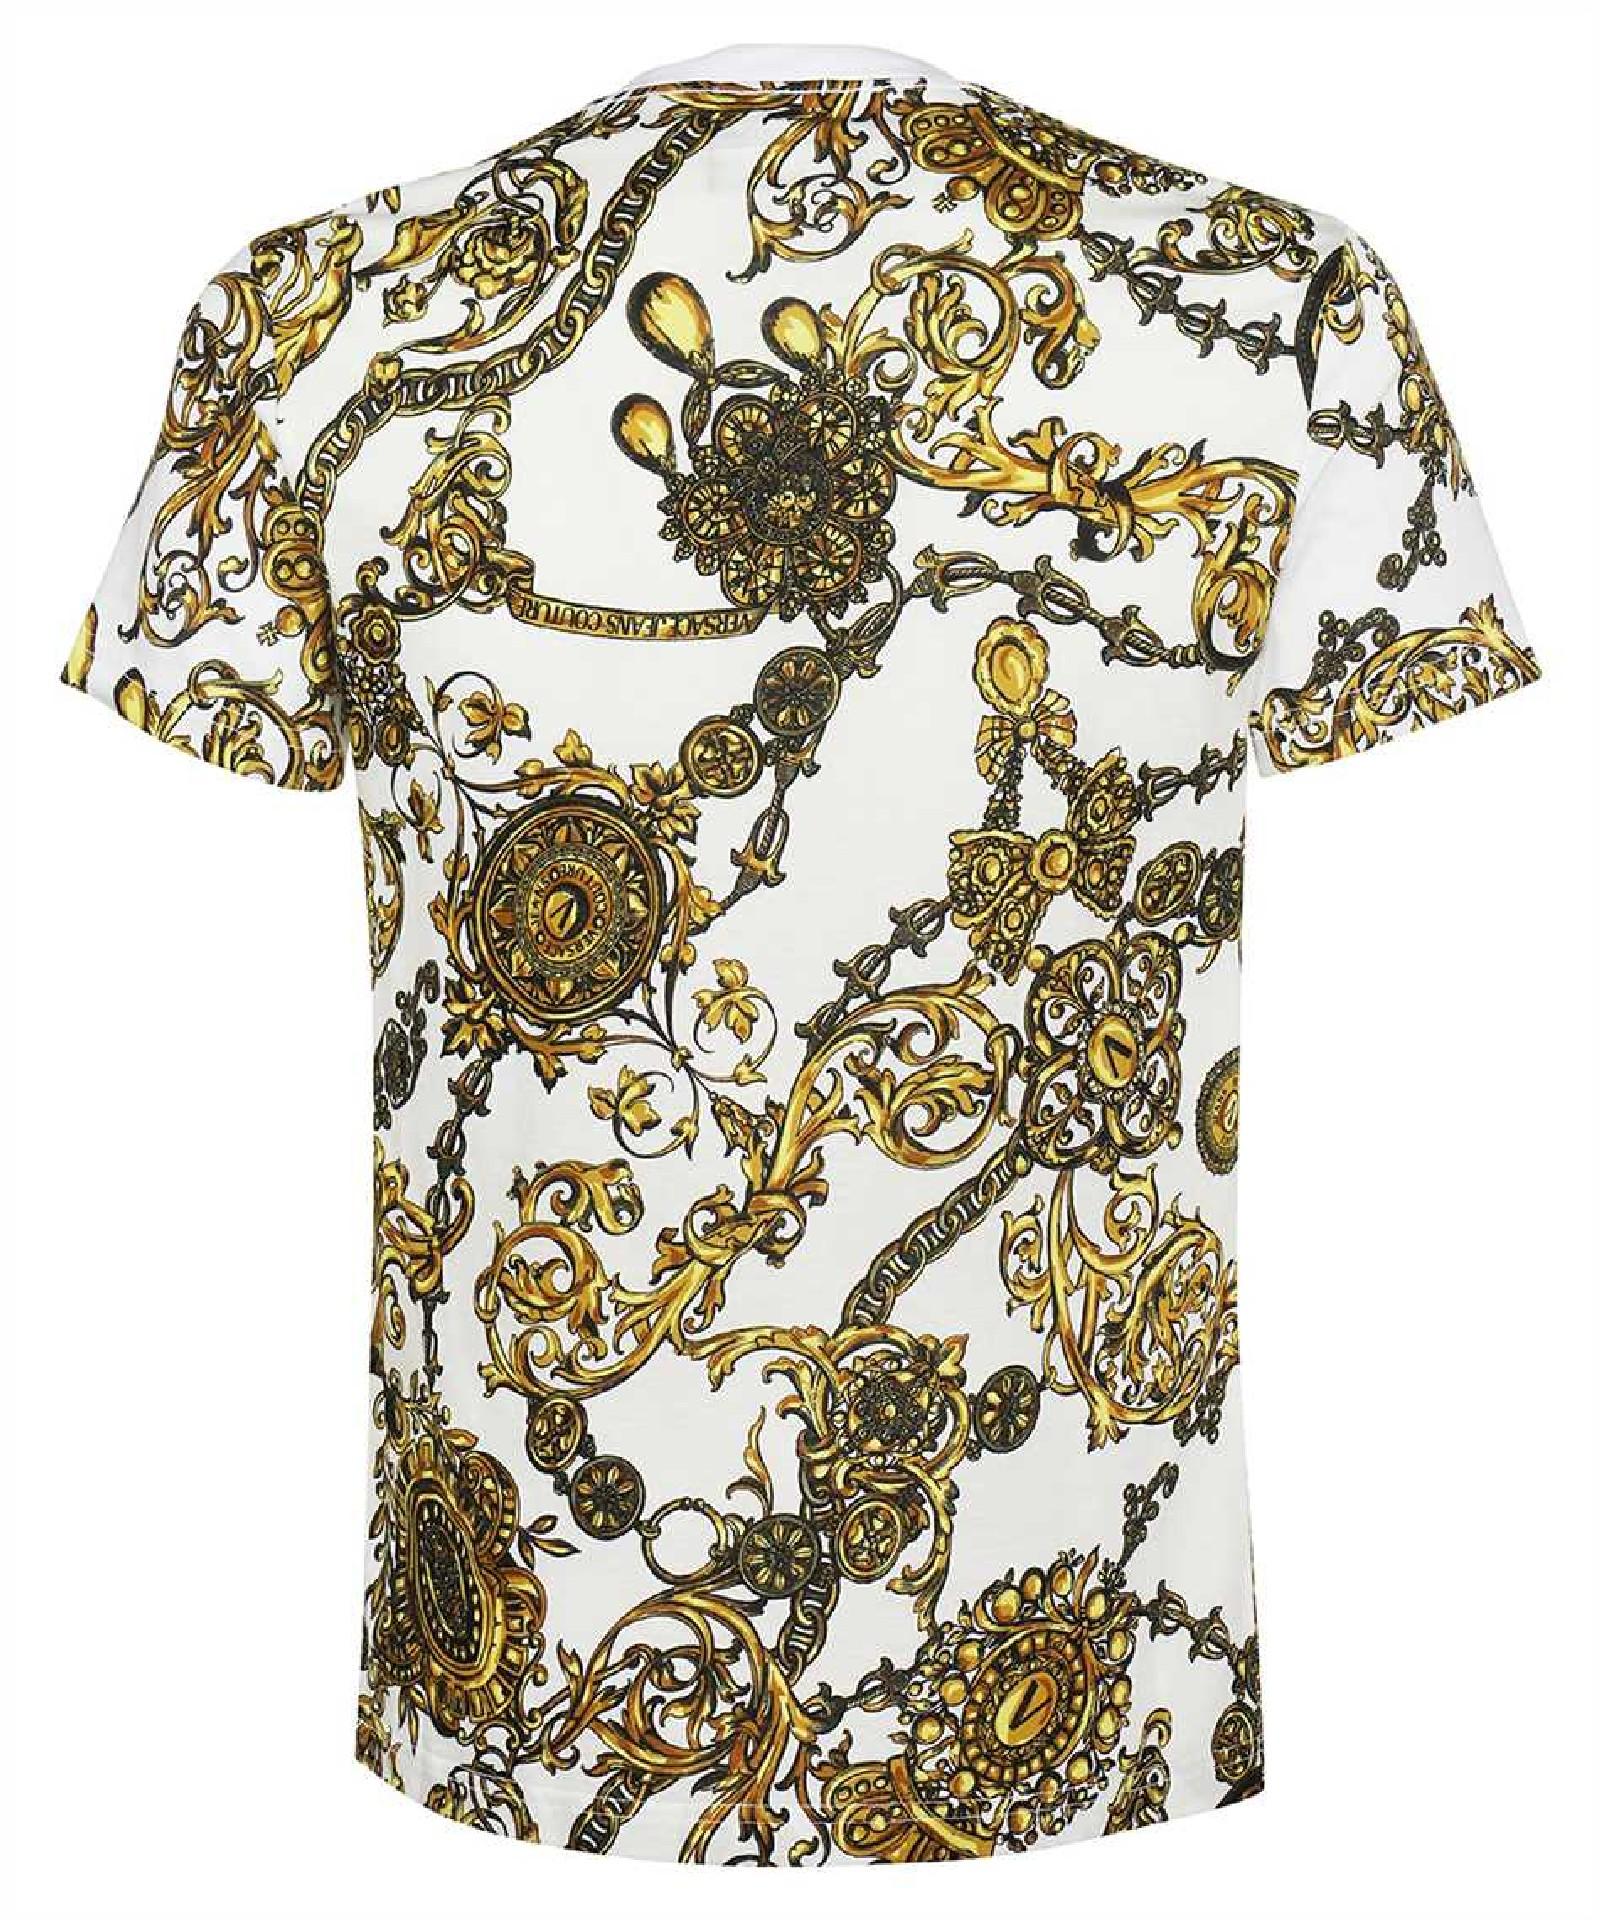 VERSACE JEANS   T-shirt   71GAH6S0 JS015G03